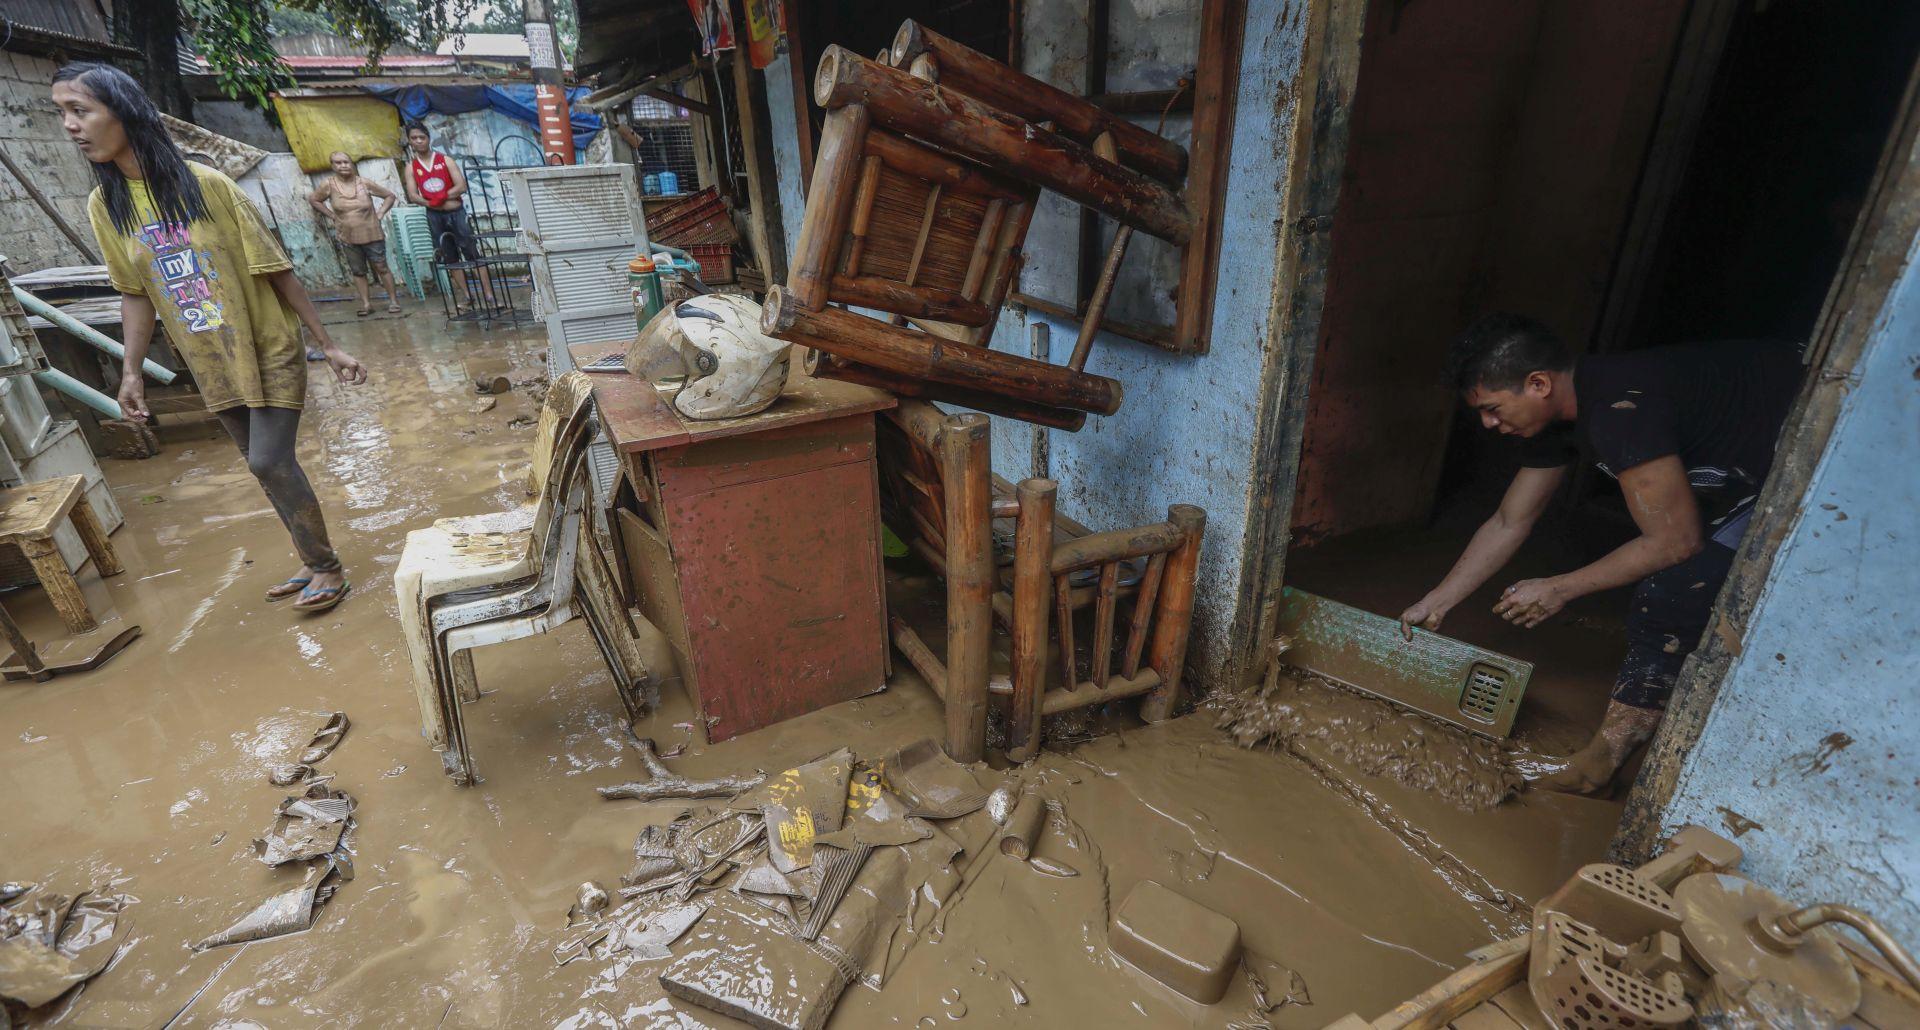 Tajfun u Kini usmrtio tri osobe, 200.000 evakuiranih